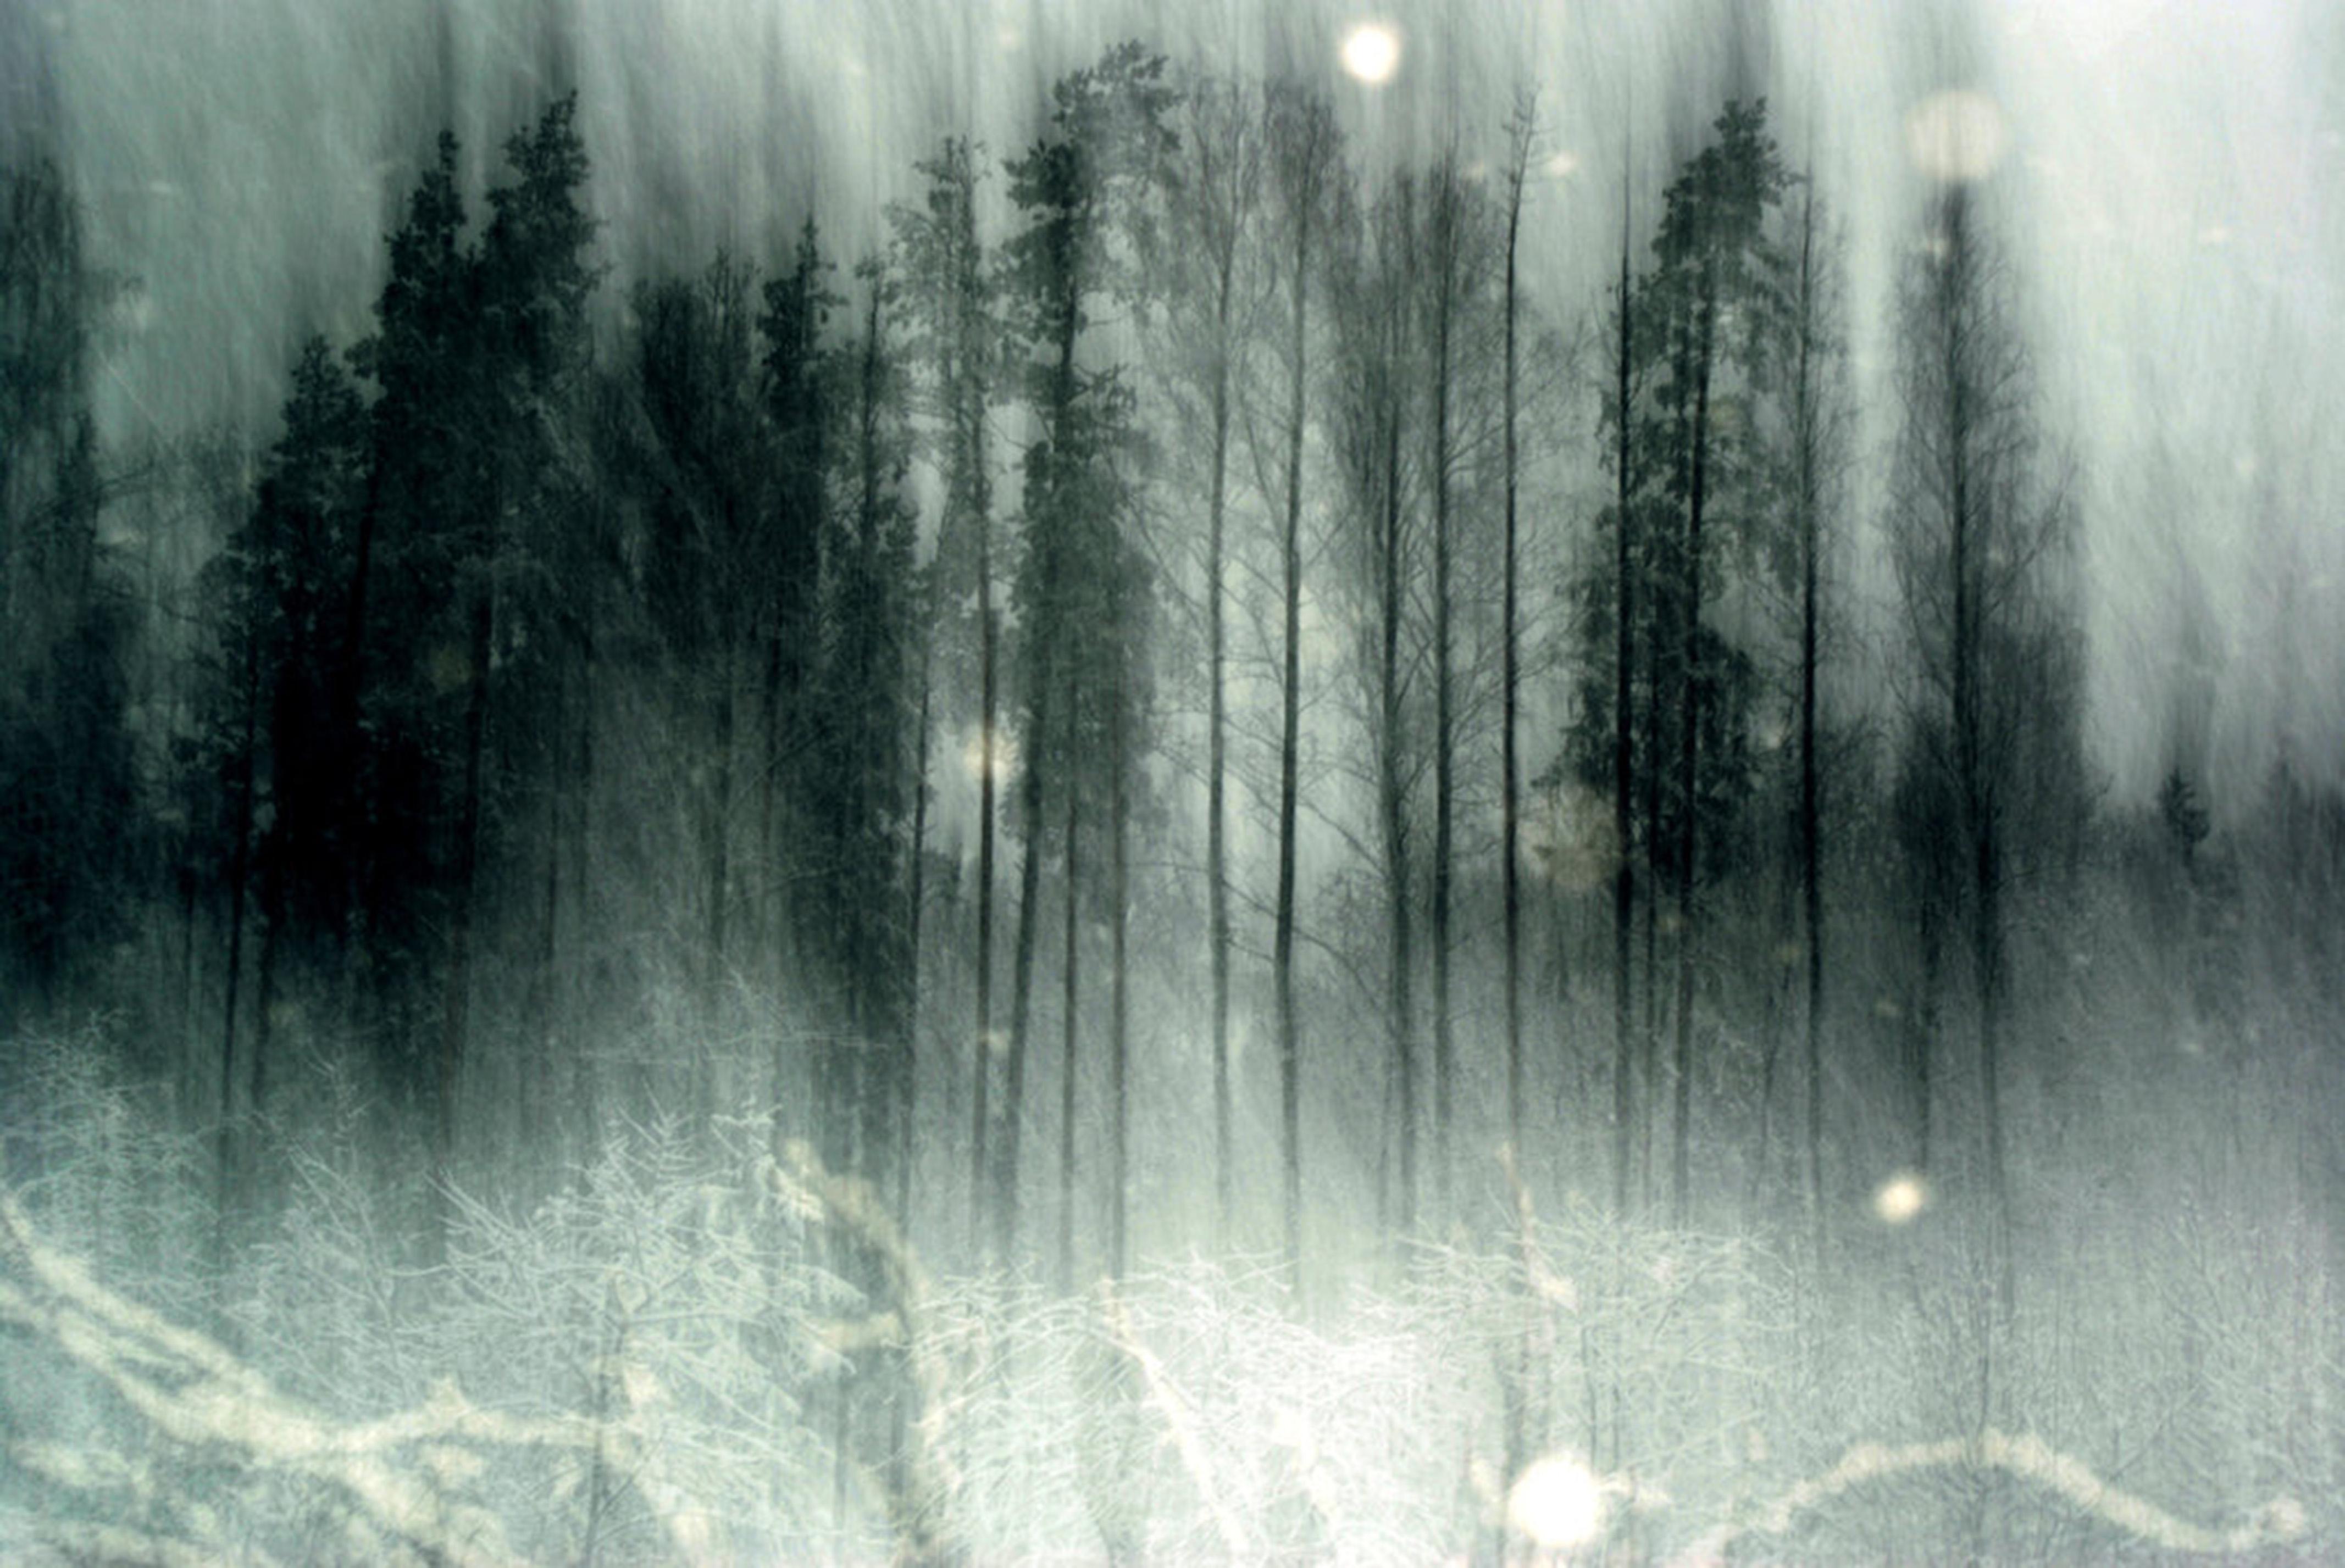 Haunted Forest Wallpaper - WallpaperSafari